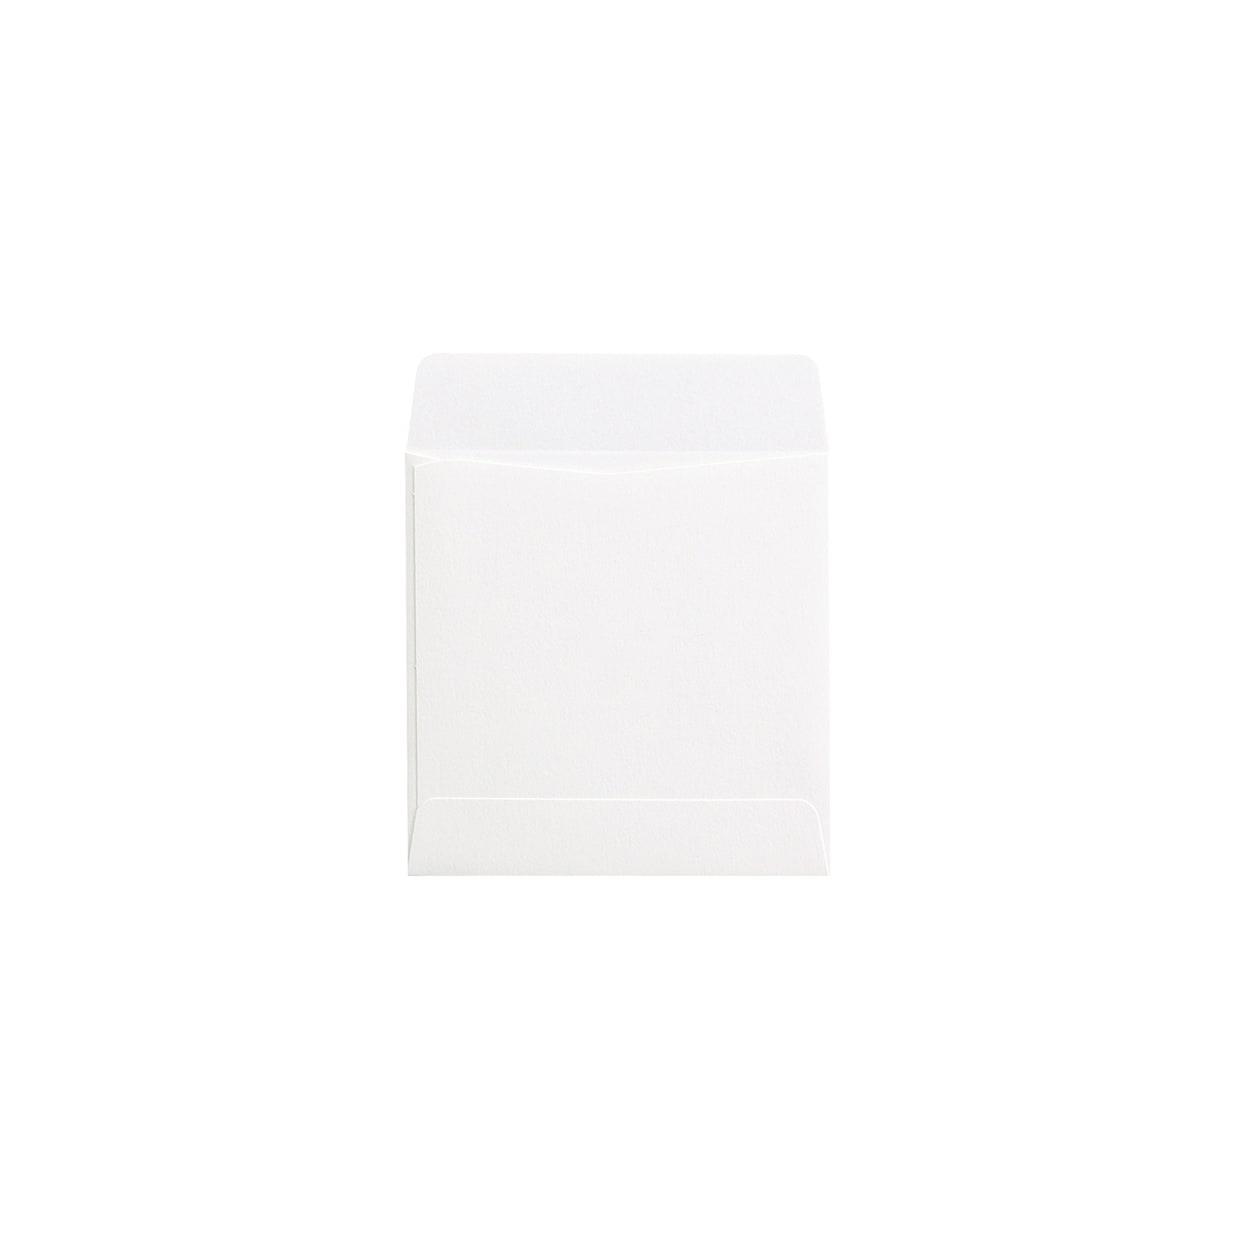 サンプル 封筒・袋 00081